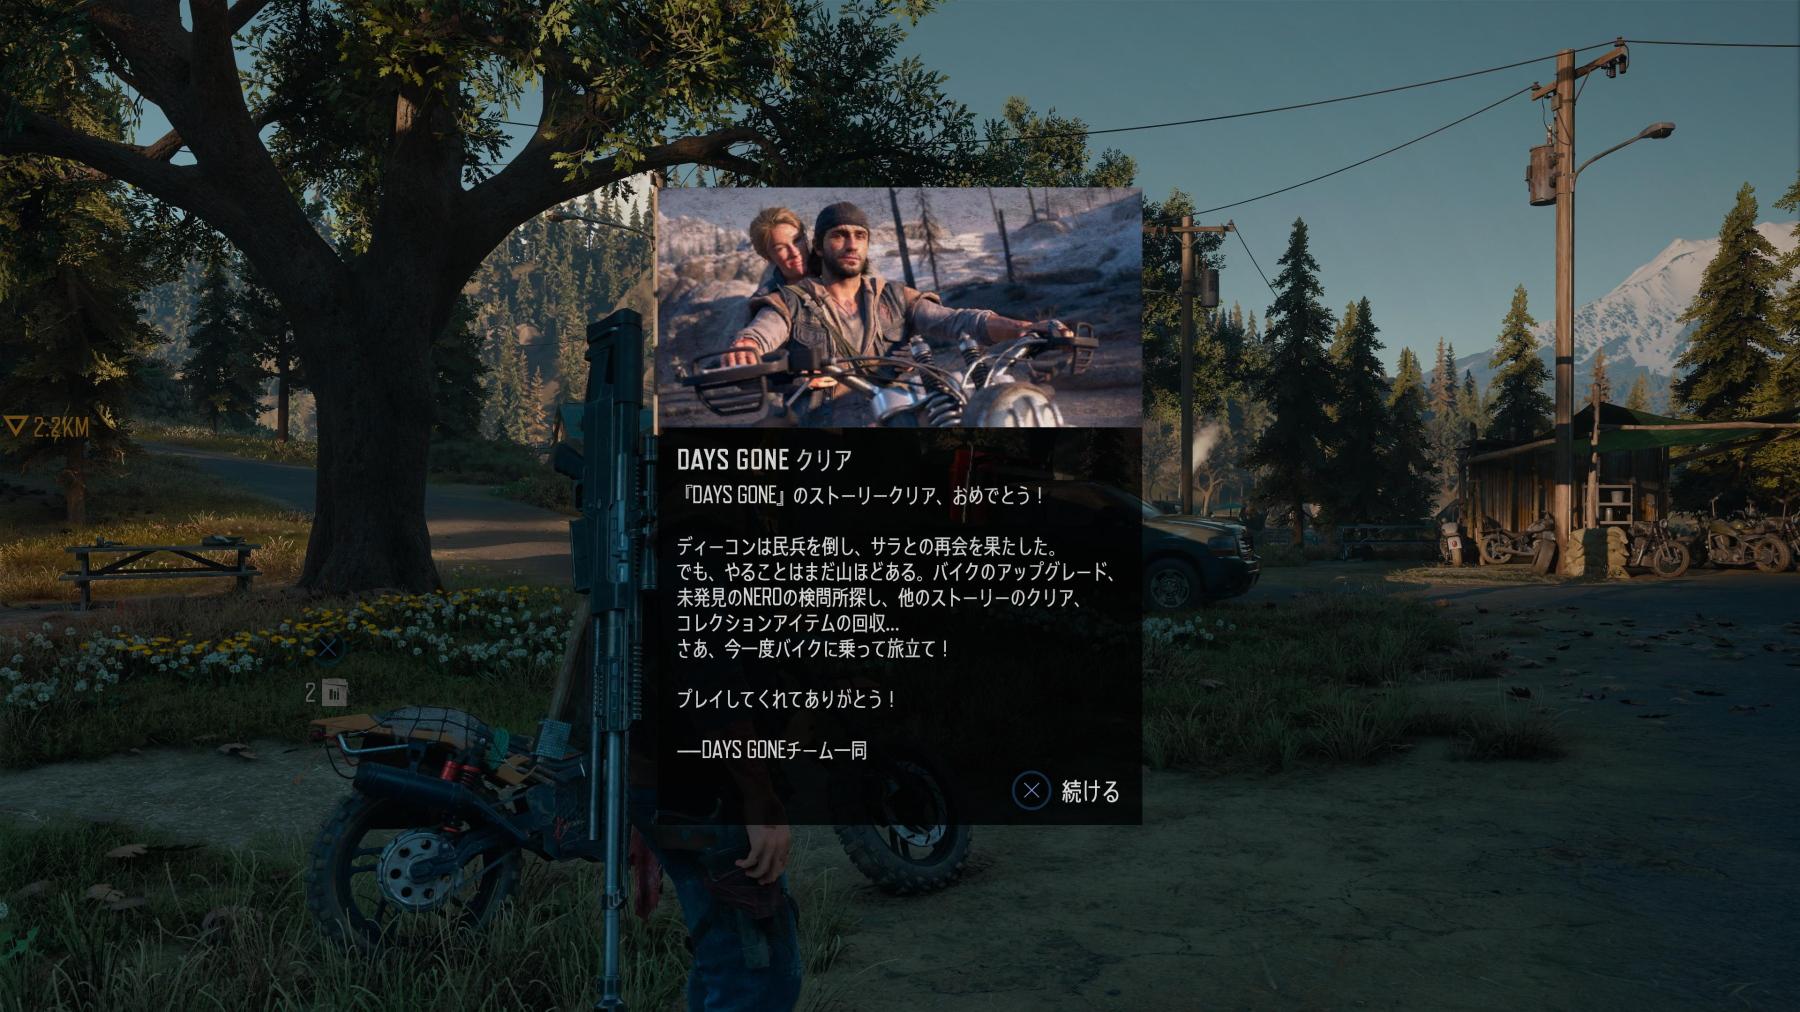 f:id:otaku4160:20210718220248j:plain